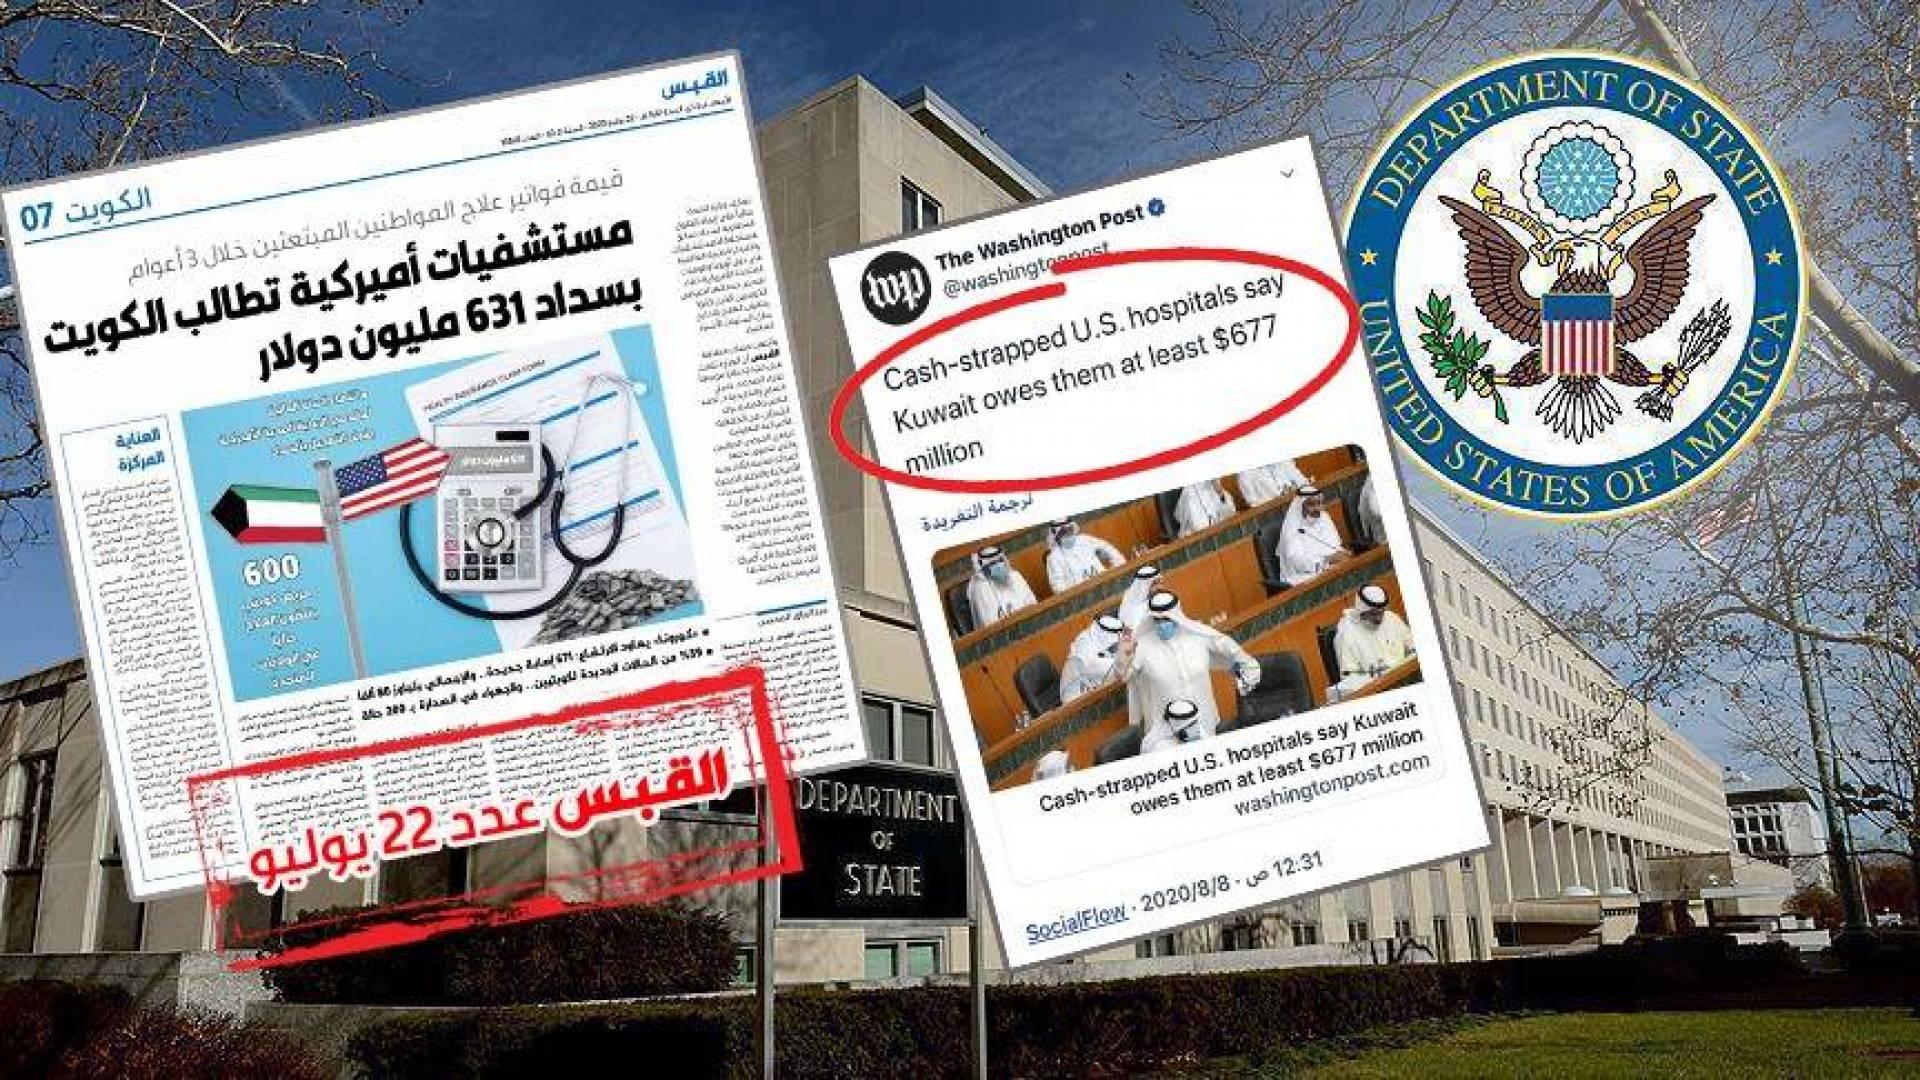 «الخارجية الأميركية» للكويت: سدِّدوا 700 مليون دولار على وجه السرعة